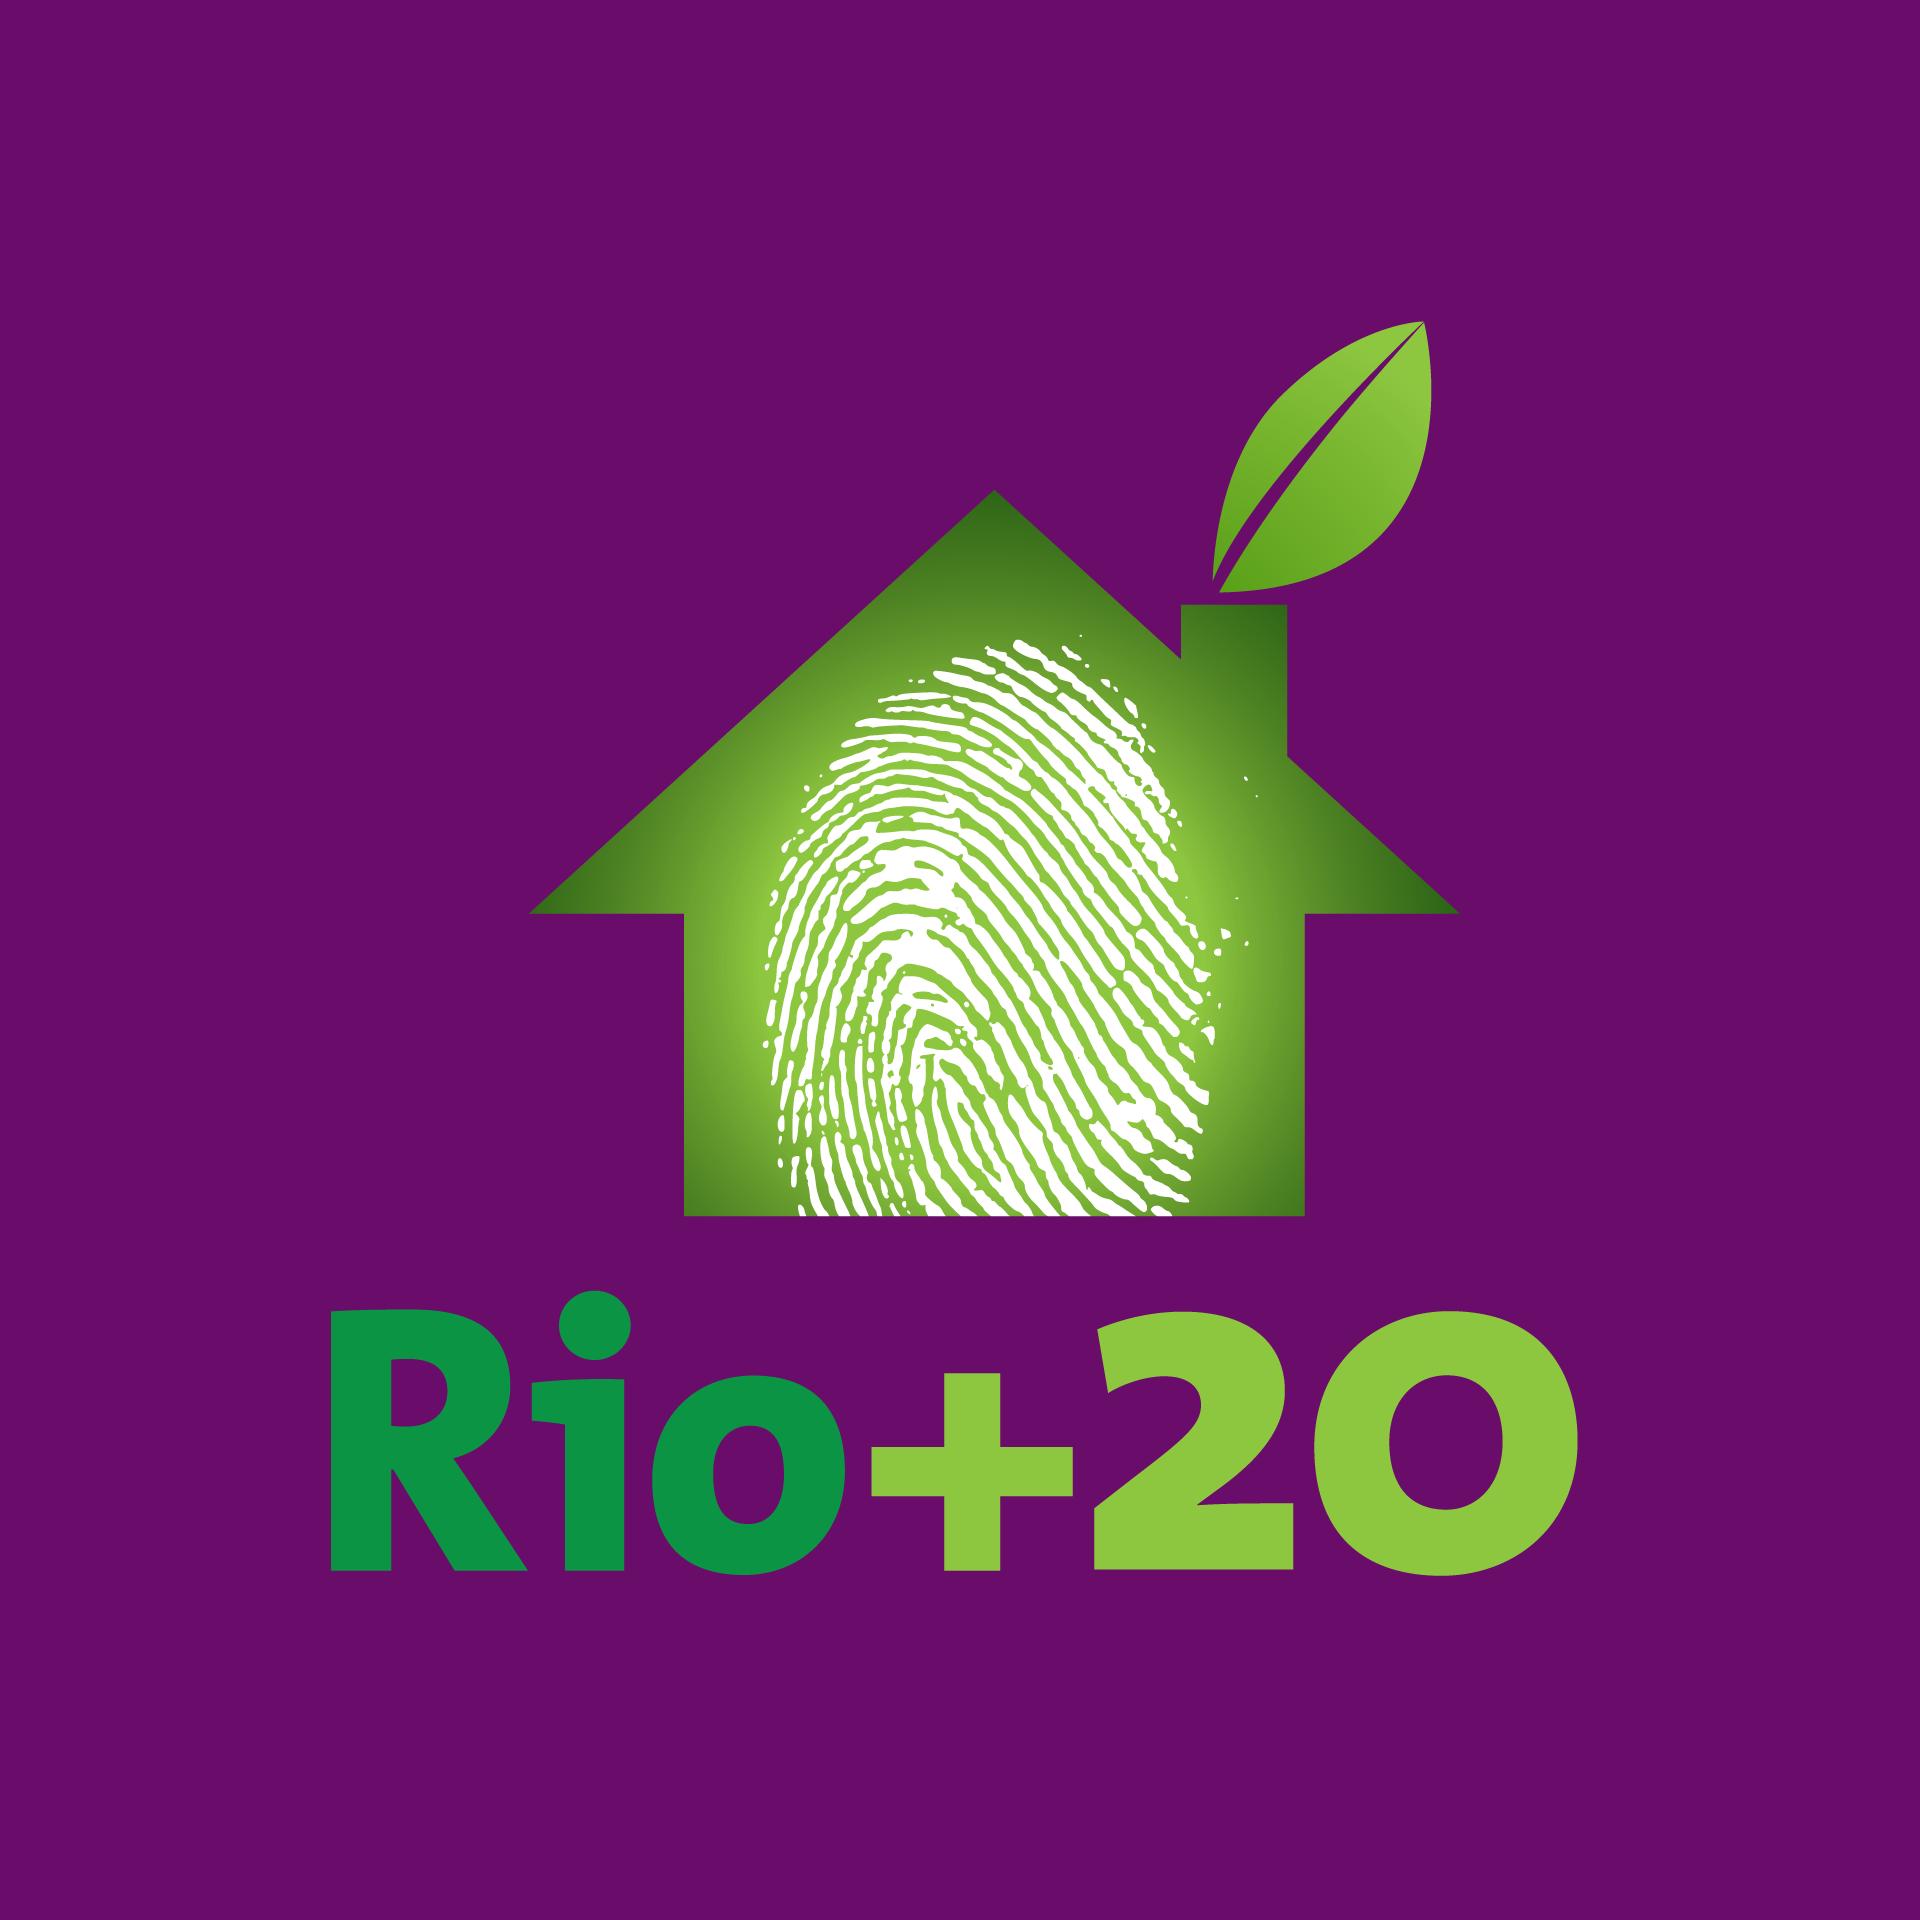 tbn_rio+20